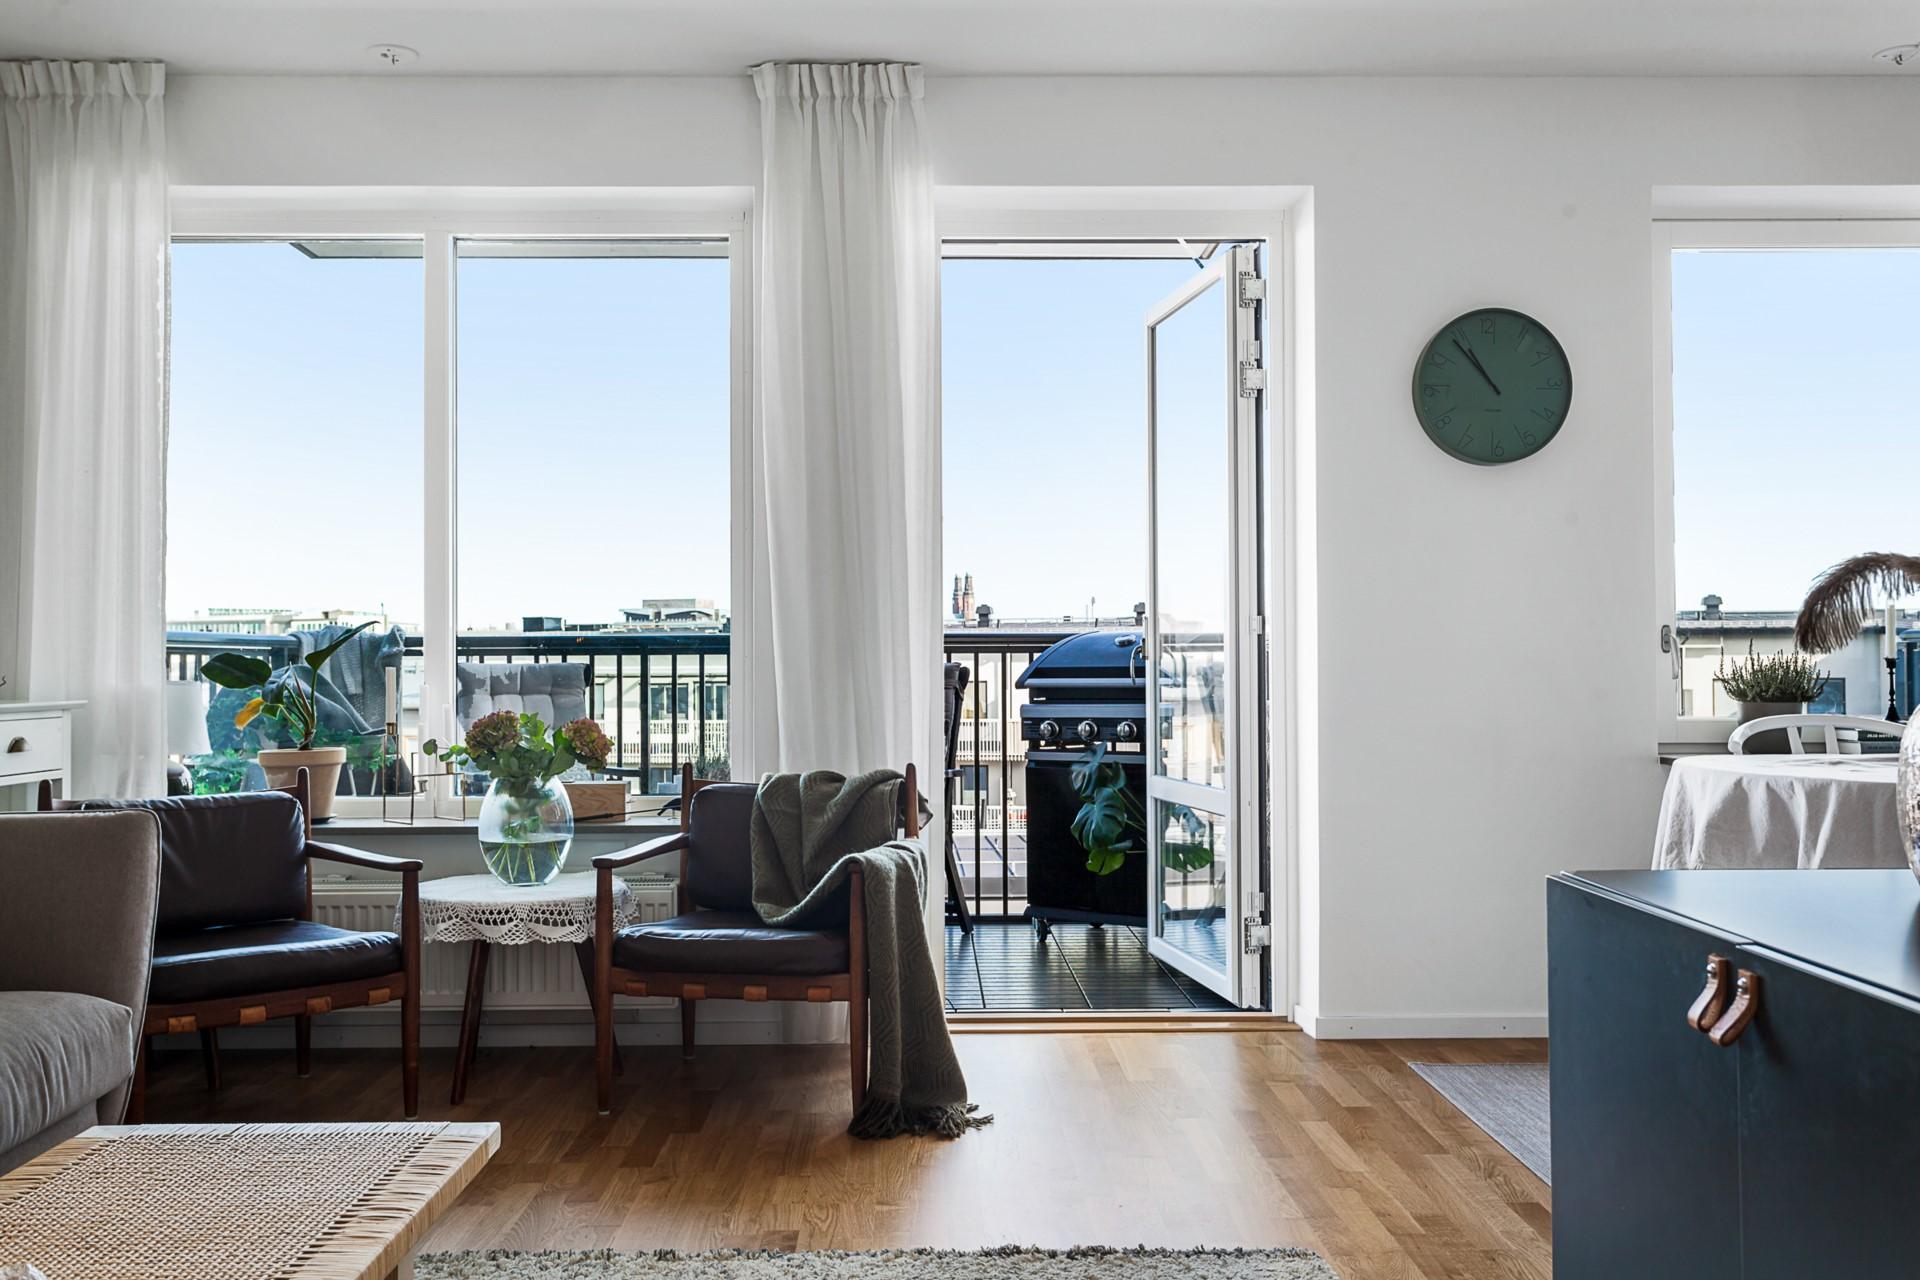 Oskarslundsbacken 1, 7tr, Högst upp! - Utsikt från både vardagsrum och kök.